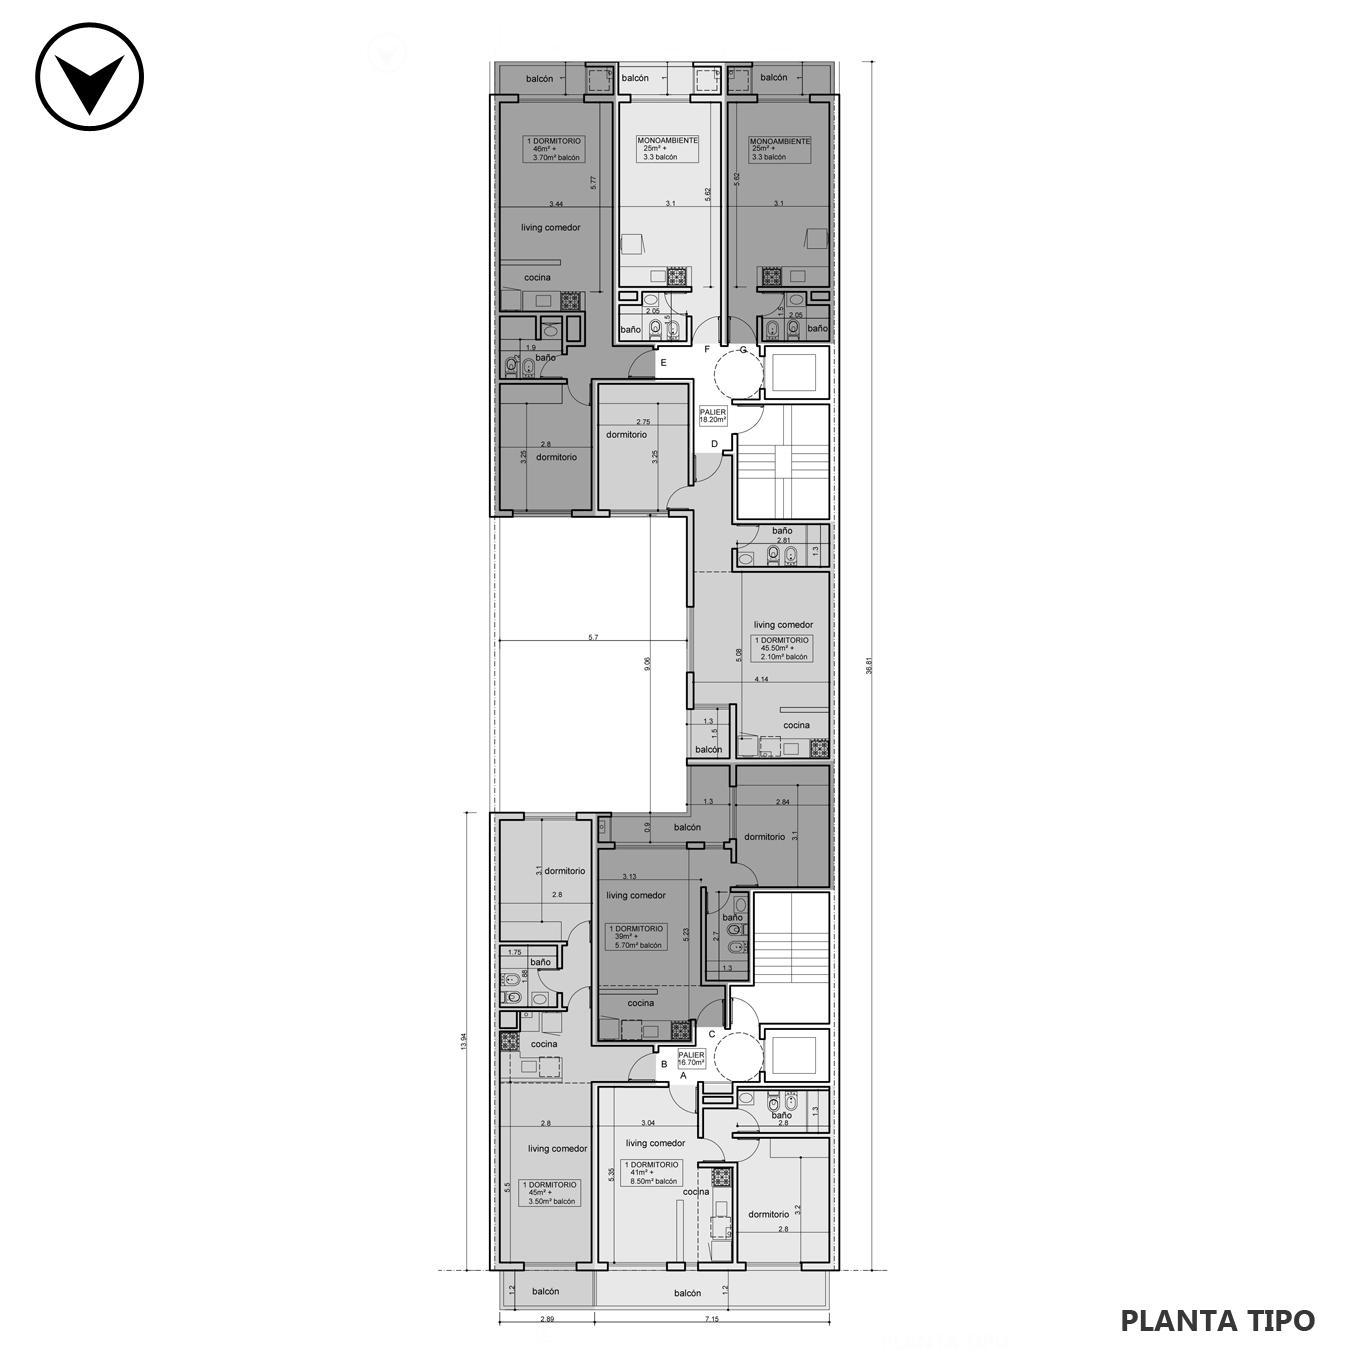 Venta departamento 1 dormitorio Rosario, Centro. Cod CBU24743 AP2302112. Crestale Propiedades